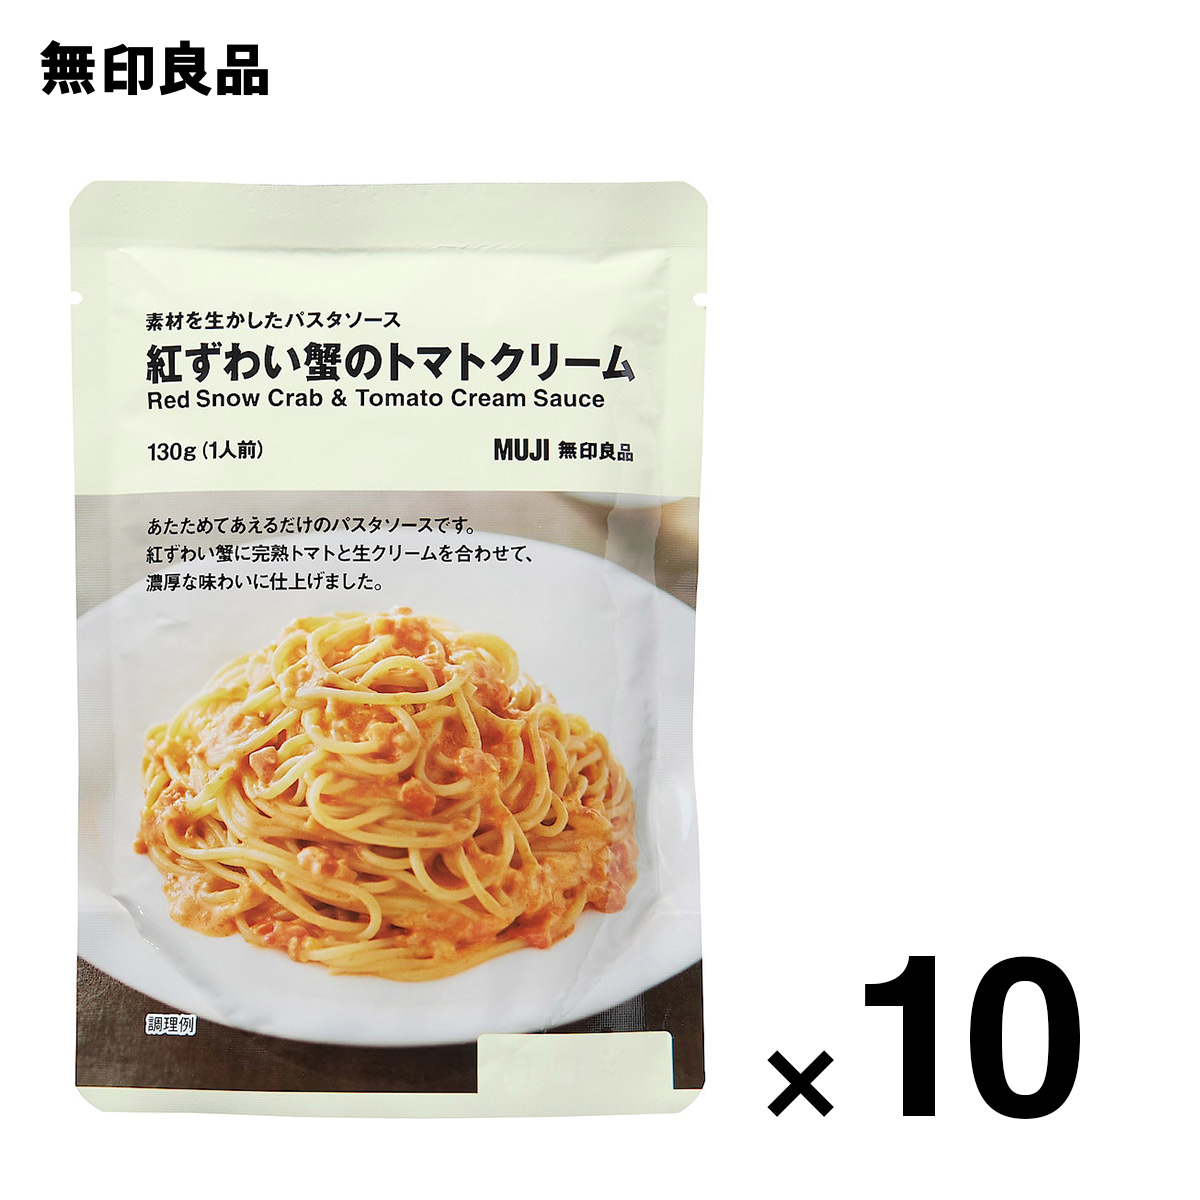 無印良品 日本メーカー新品 公式 素材を生かしたパスタソース 紅ずわい蟹のトマトクリーム 130g 10個セット 1人前 直営ストア